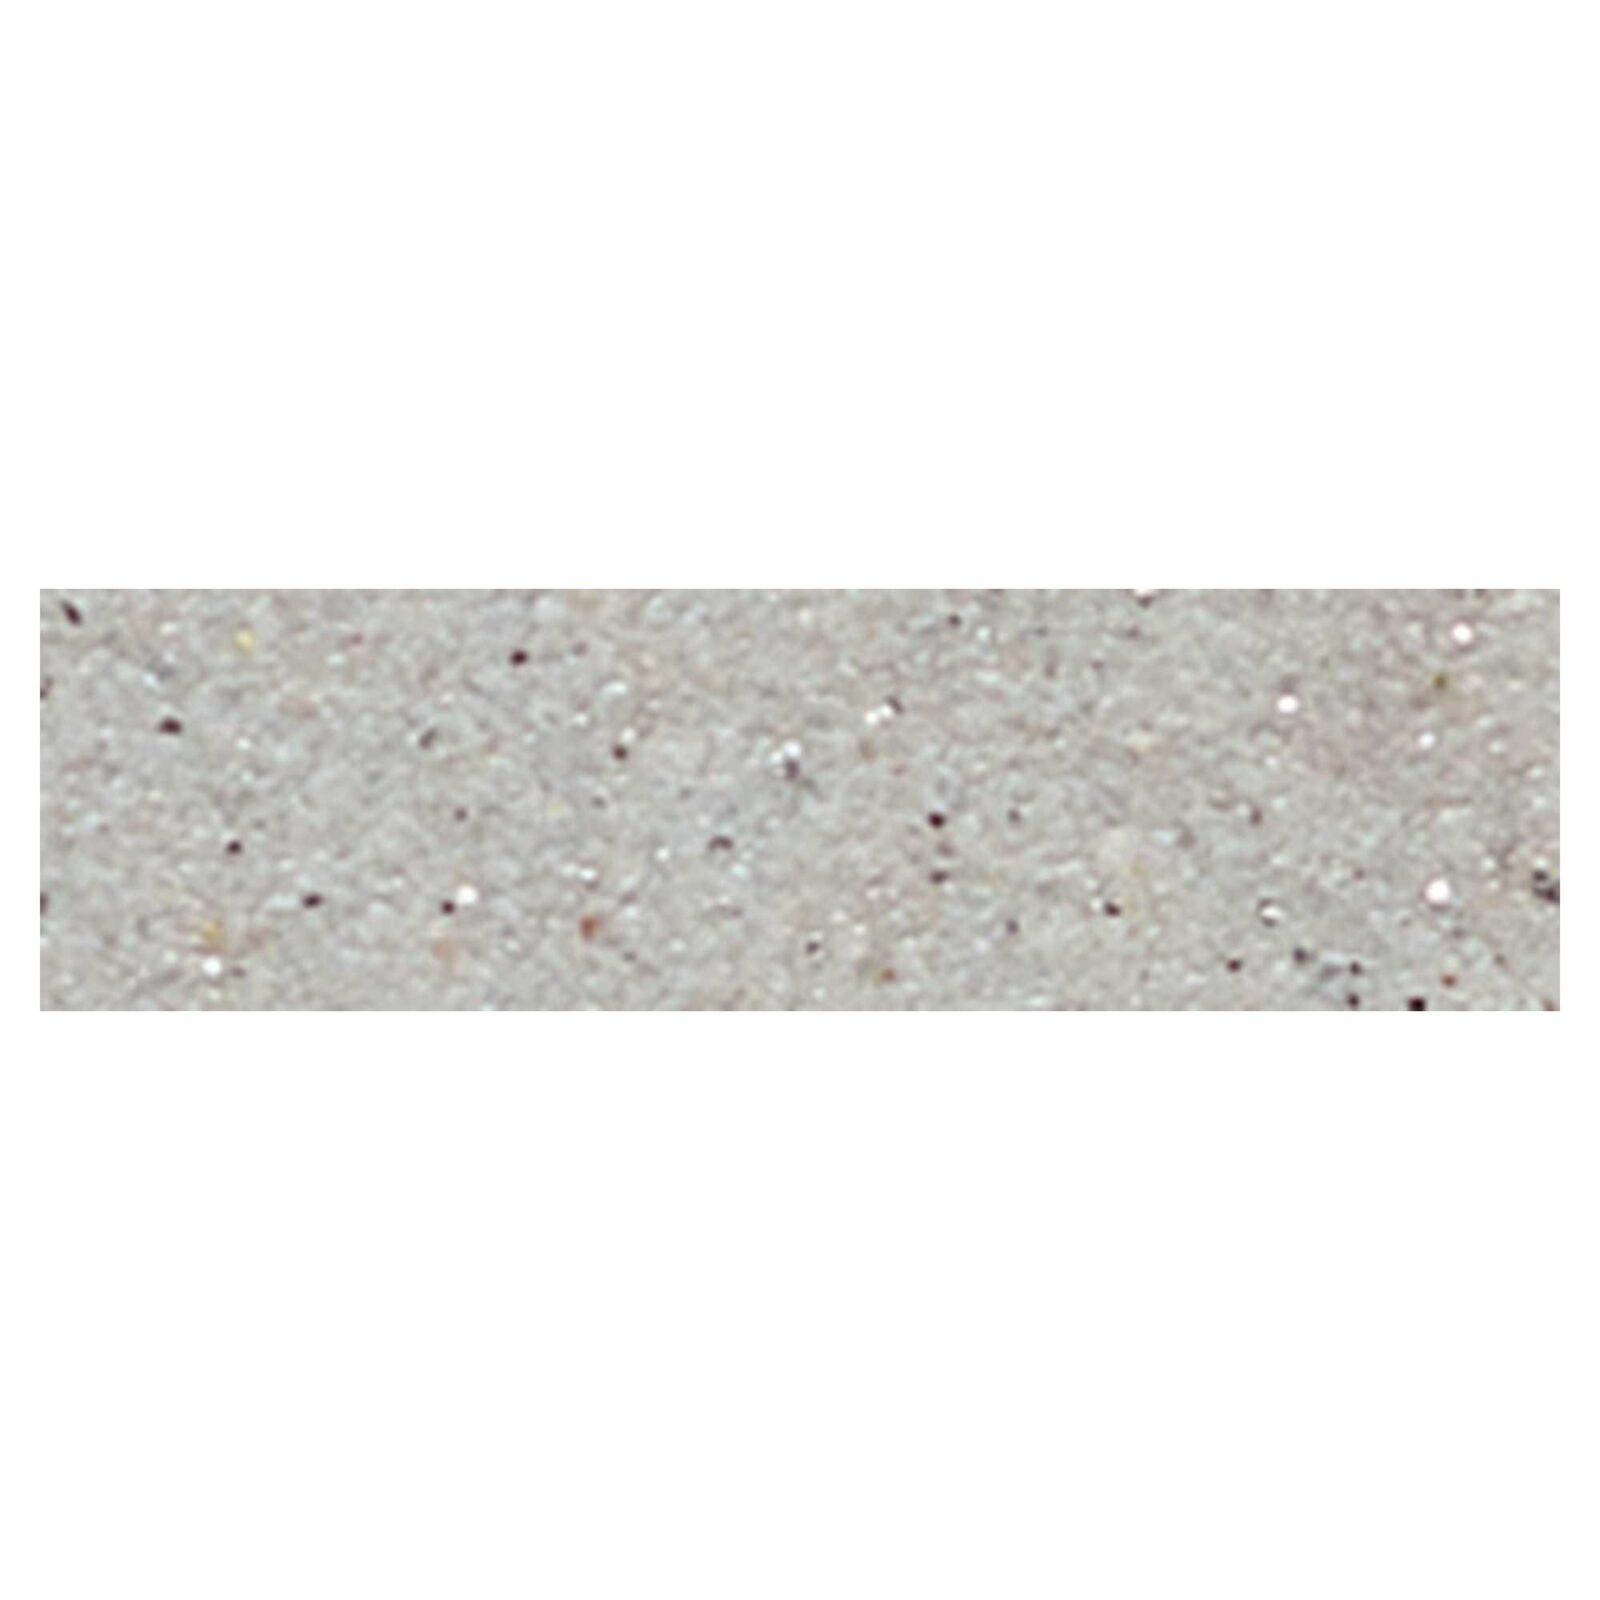 Мойка G-7(серебристый) (630х485х175) из гранитной крошки+сифон